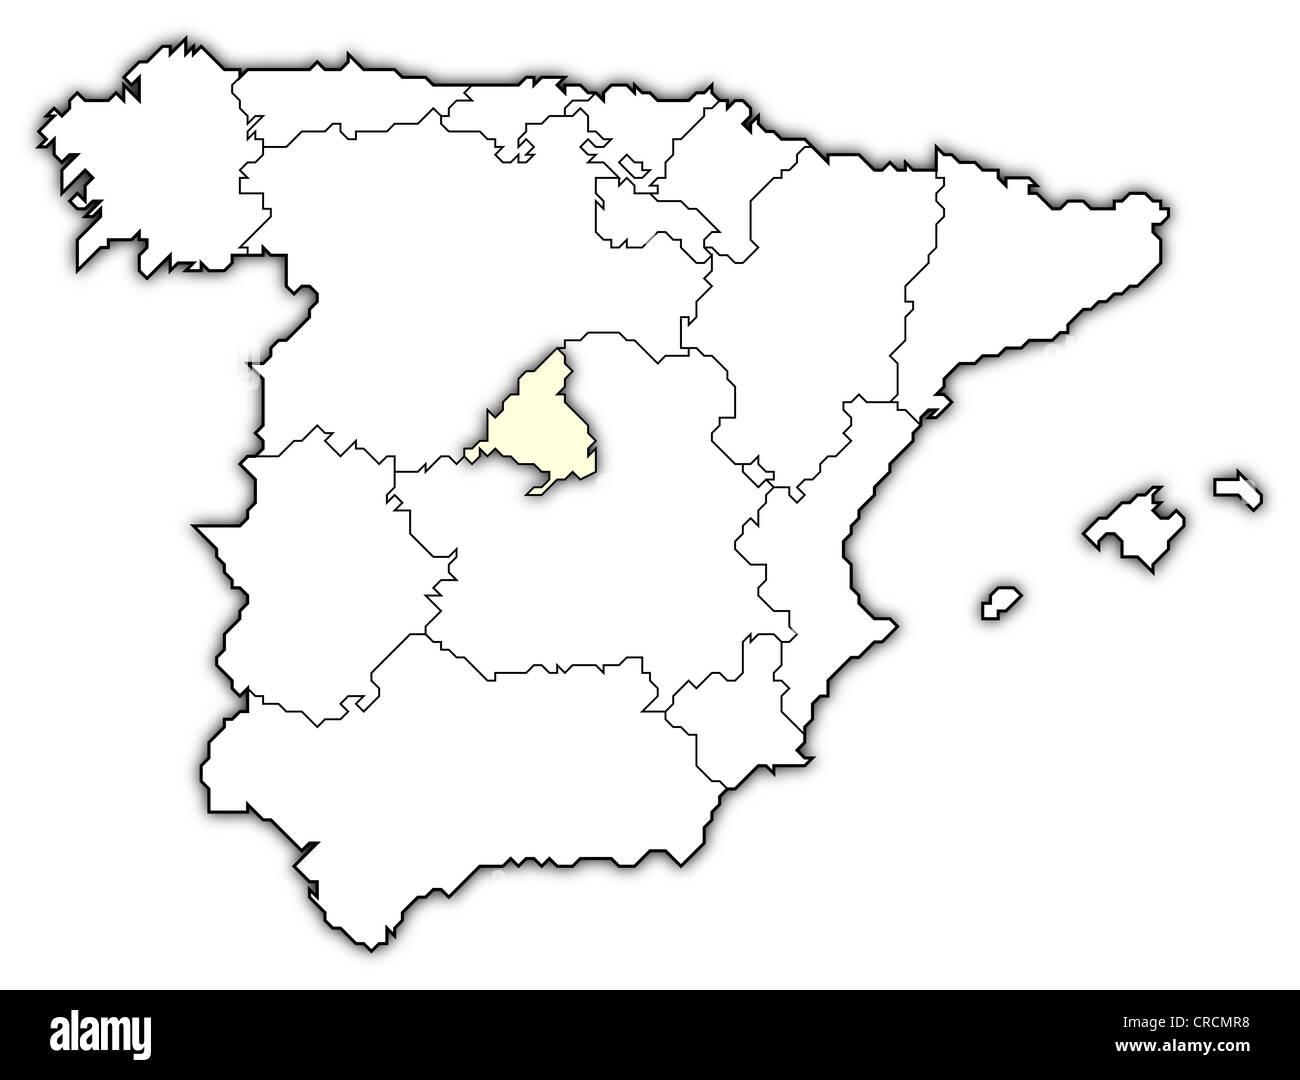 Spanien Regionen Karte.Politische Karte Von Spanien Mit Mehreren Regionen Wo Madrid